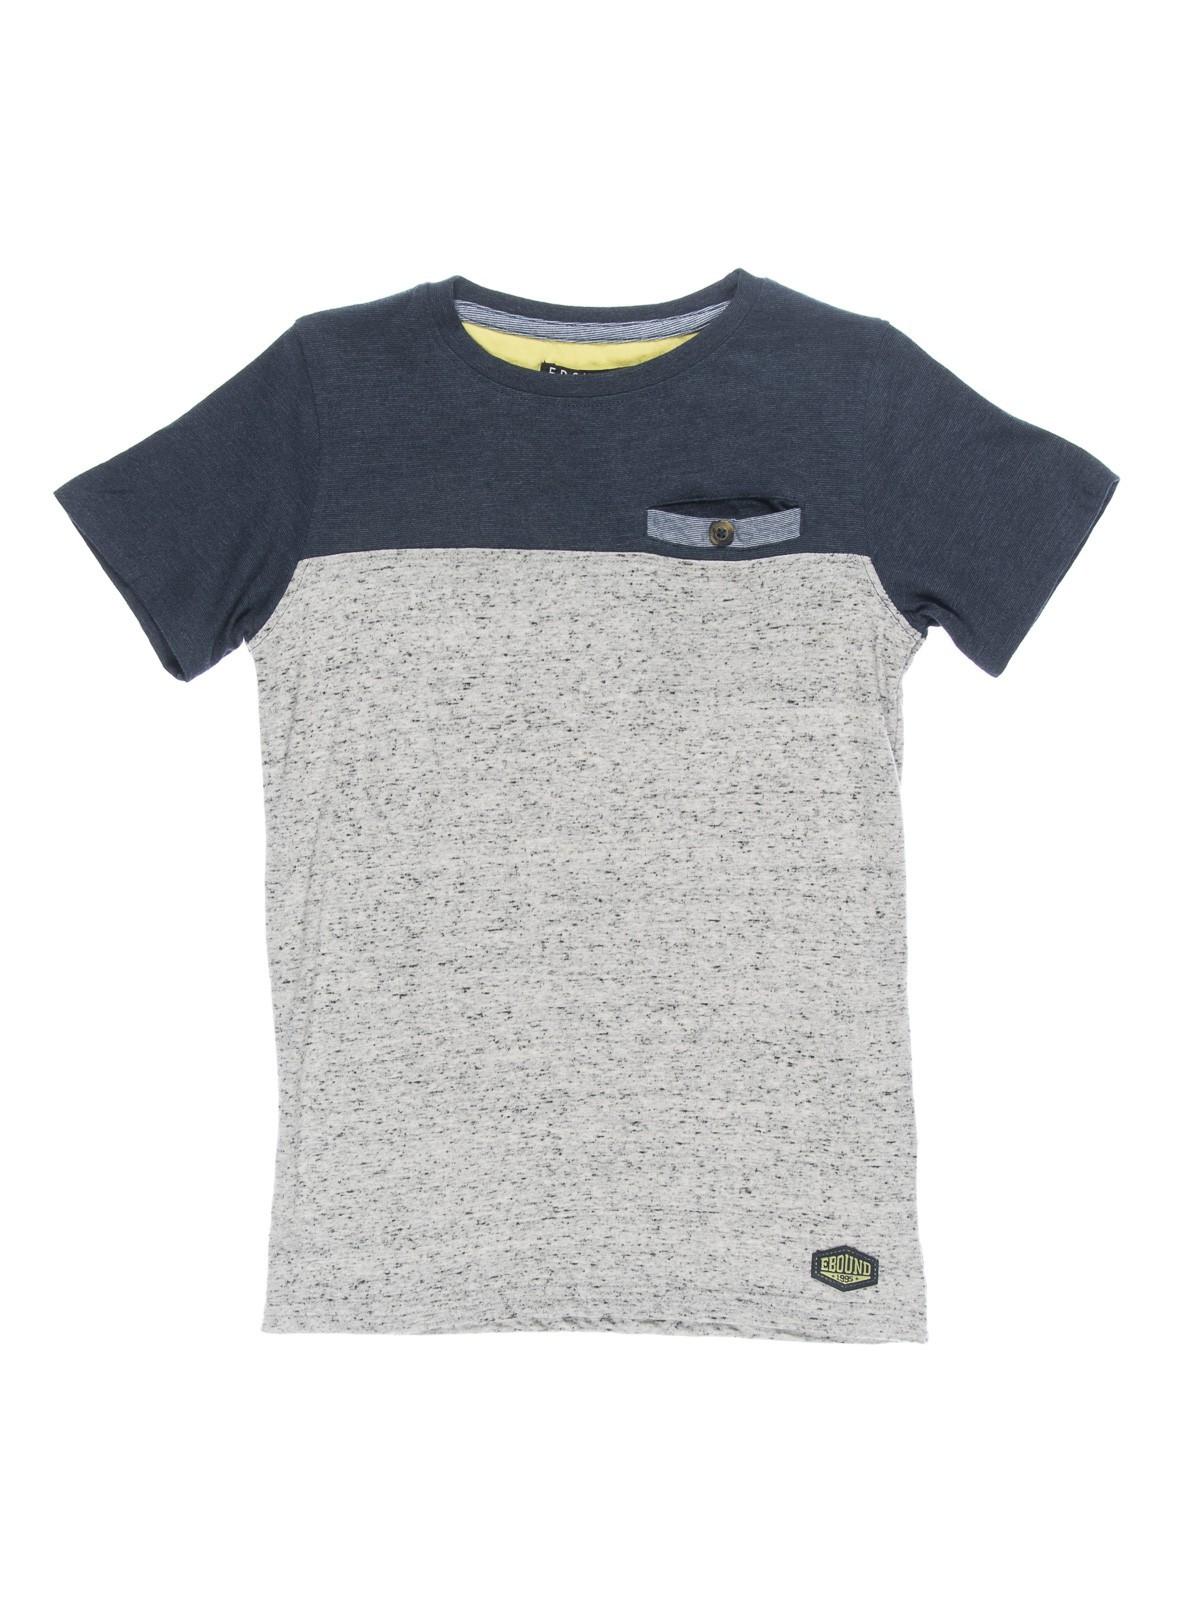 37587675aa460 T-shirt bi matière garçon (8-16A) - DistriCenter